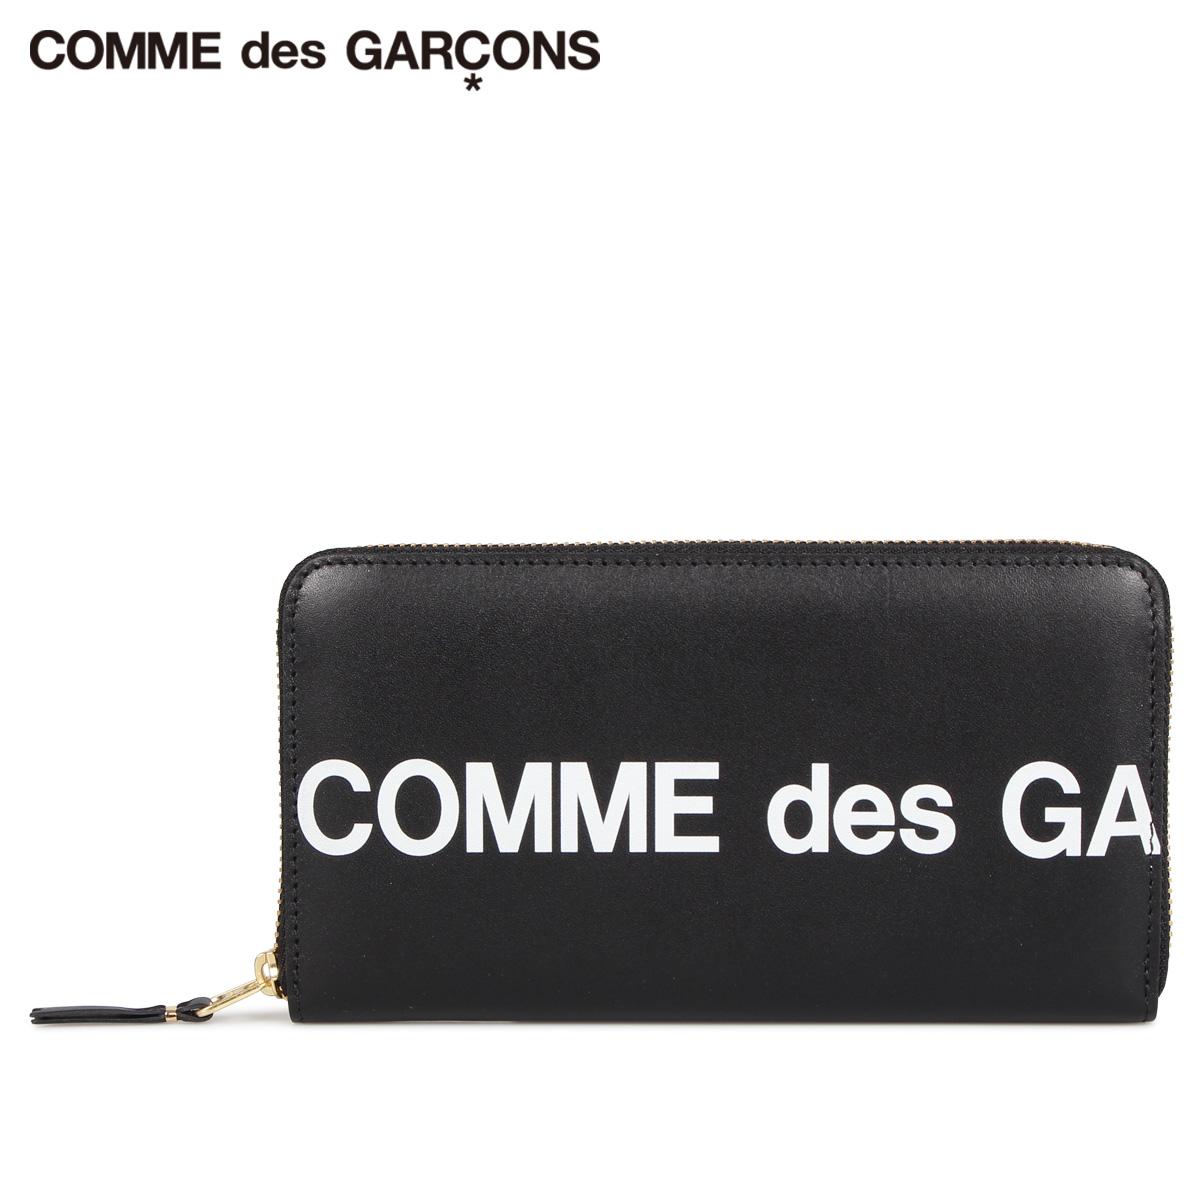 COMME des GARCONS コムデギャルソン 財布 長財布 メンズ レディース ラウンドファスナー 本革 HUGE LOGO WALLET ブラック 黒 SA0111HL